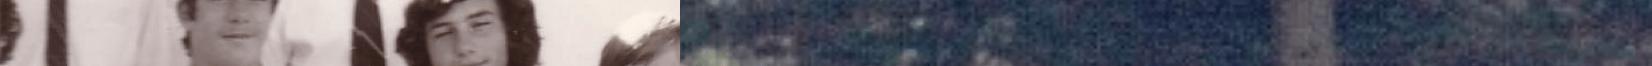 Screen-Shot-2019-11-07-at-1.11.04-PM-1